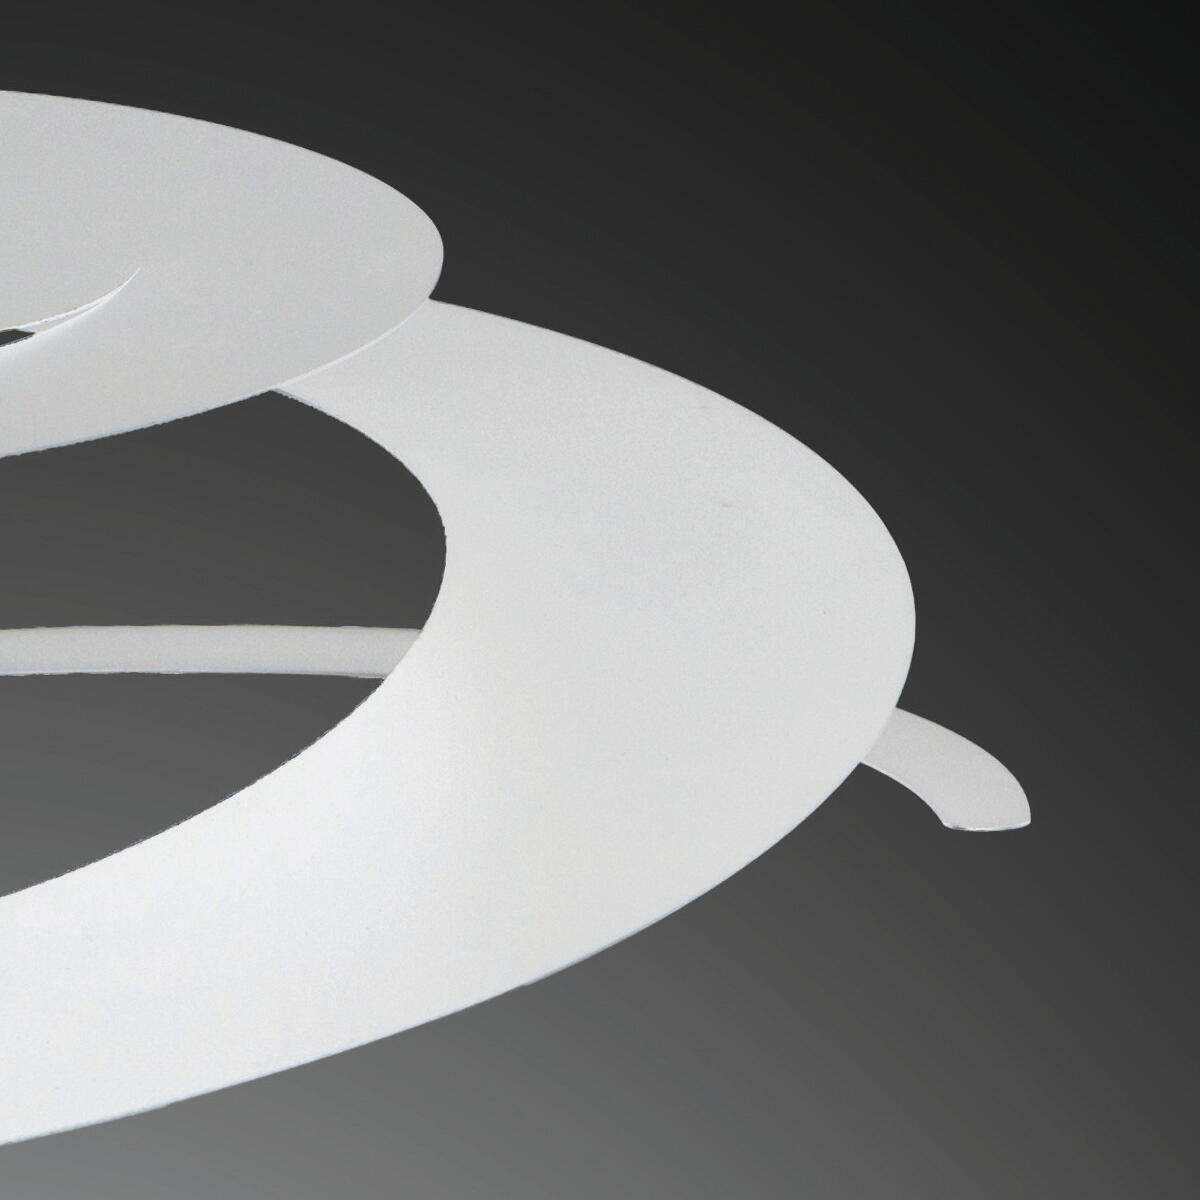 Lampadario Moderno Spirale bianco in metallo, L. 45 cm, NOVECENTO - 7